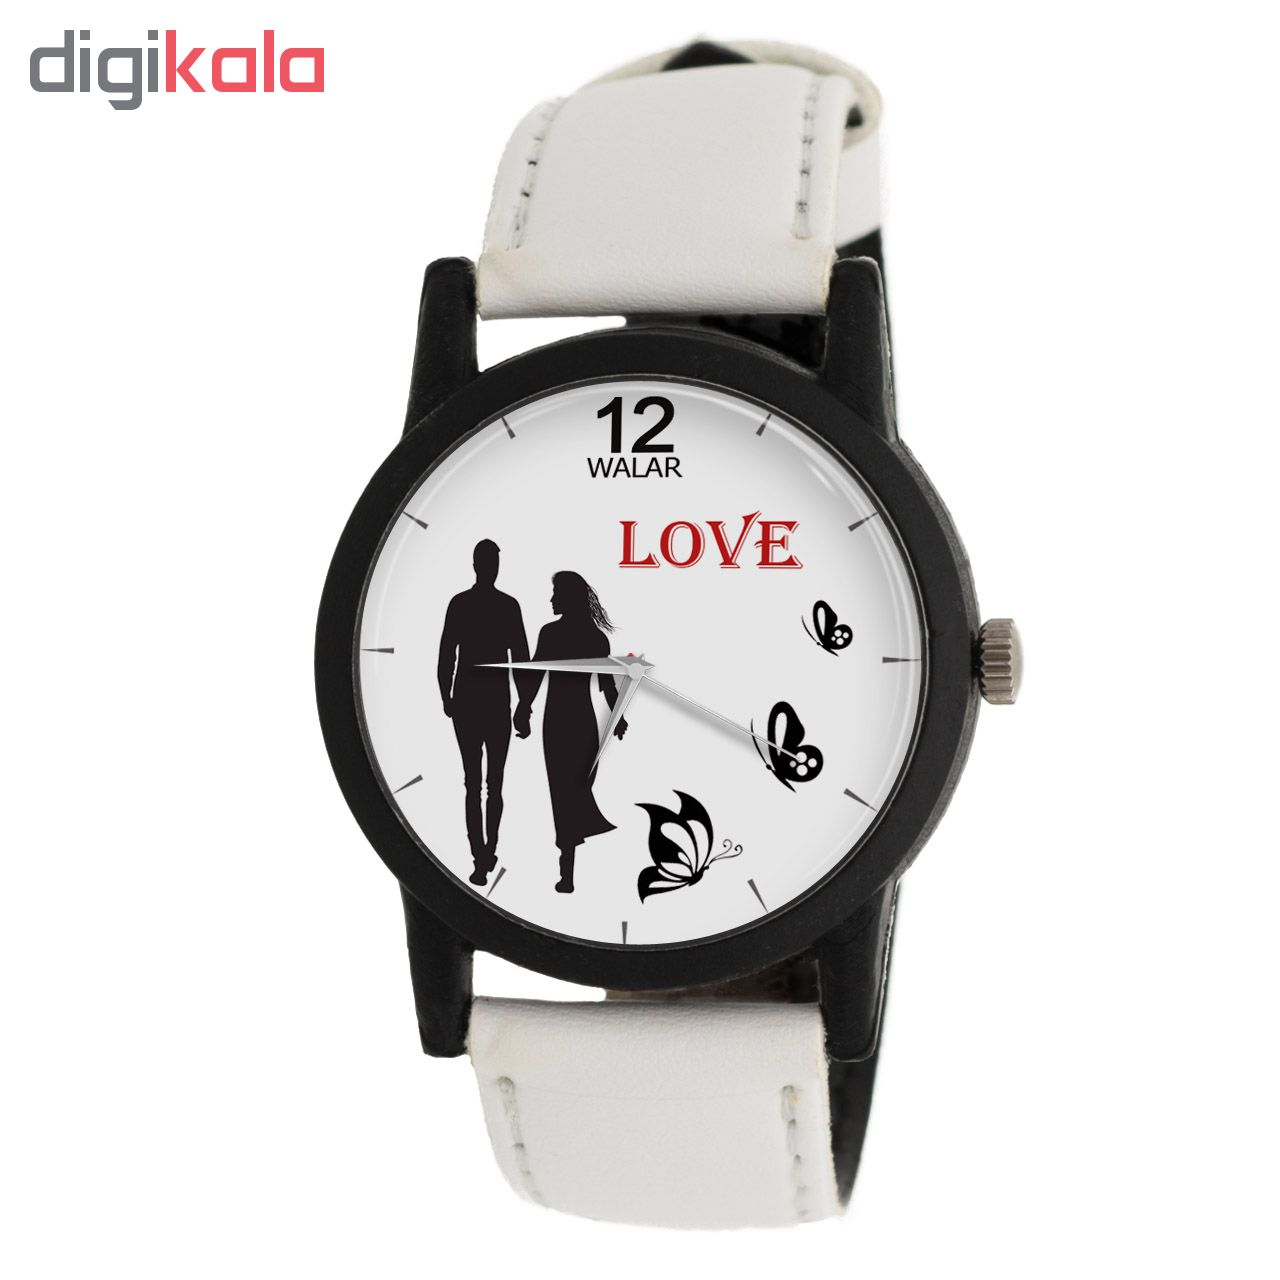 ساعت زنانه برند والار طرح LOVE مدل LF1433